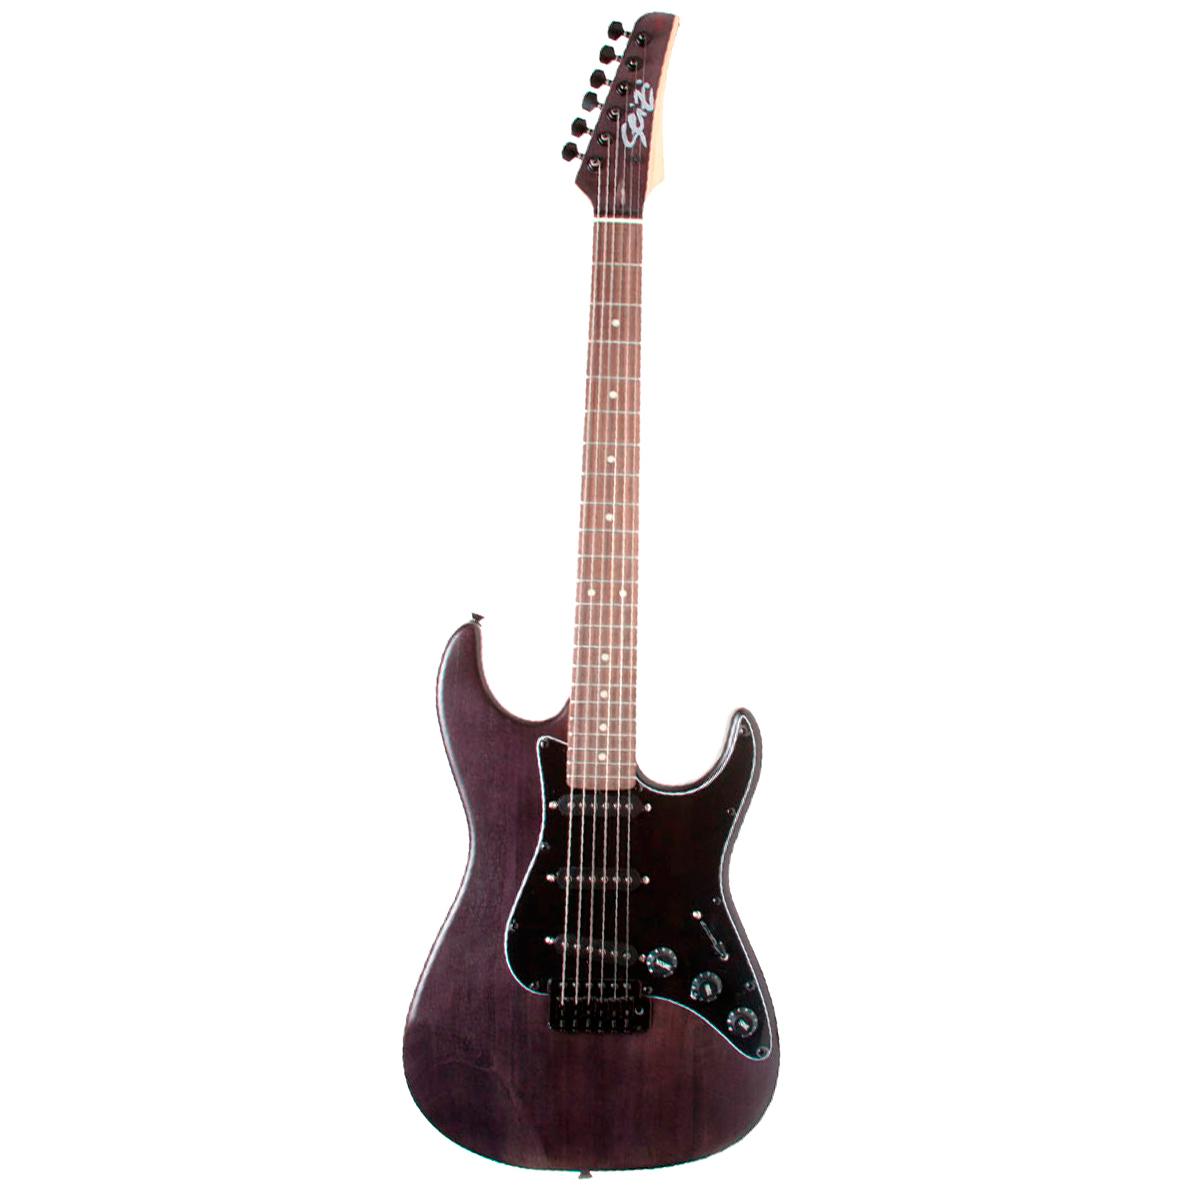 Guitarra Vision Satin Black c/ Escudo Preto - Seizi